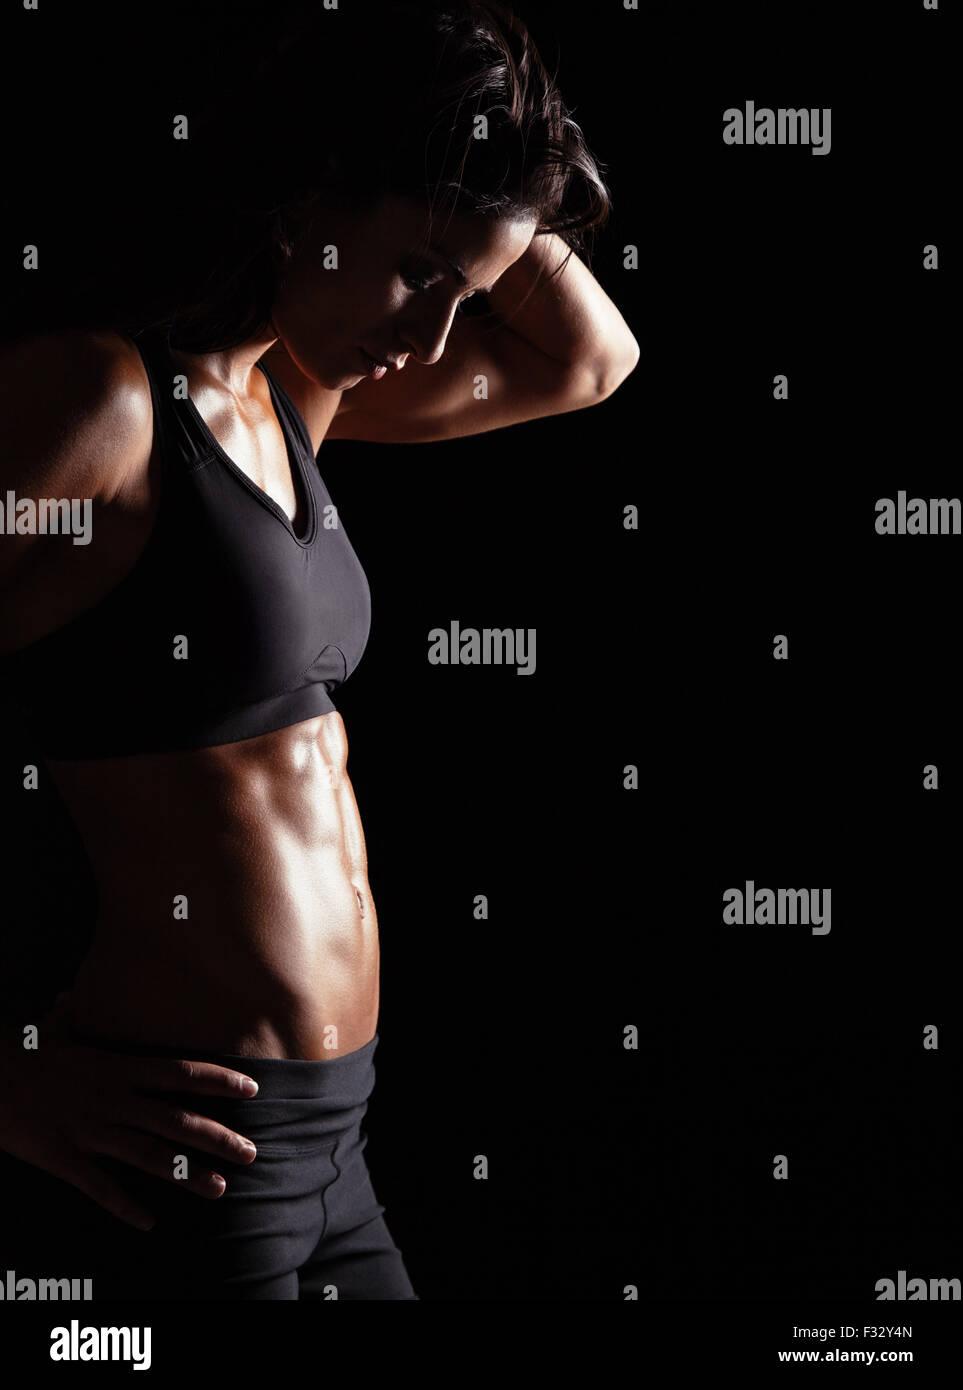 Passen Sie die Frau mit der Hand auf den Hüften. Weibchen mit muskulösen Körper auf schwarzem Hintergrund. Stockbild